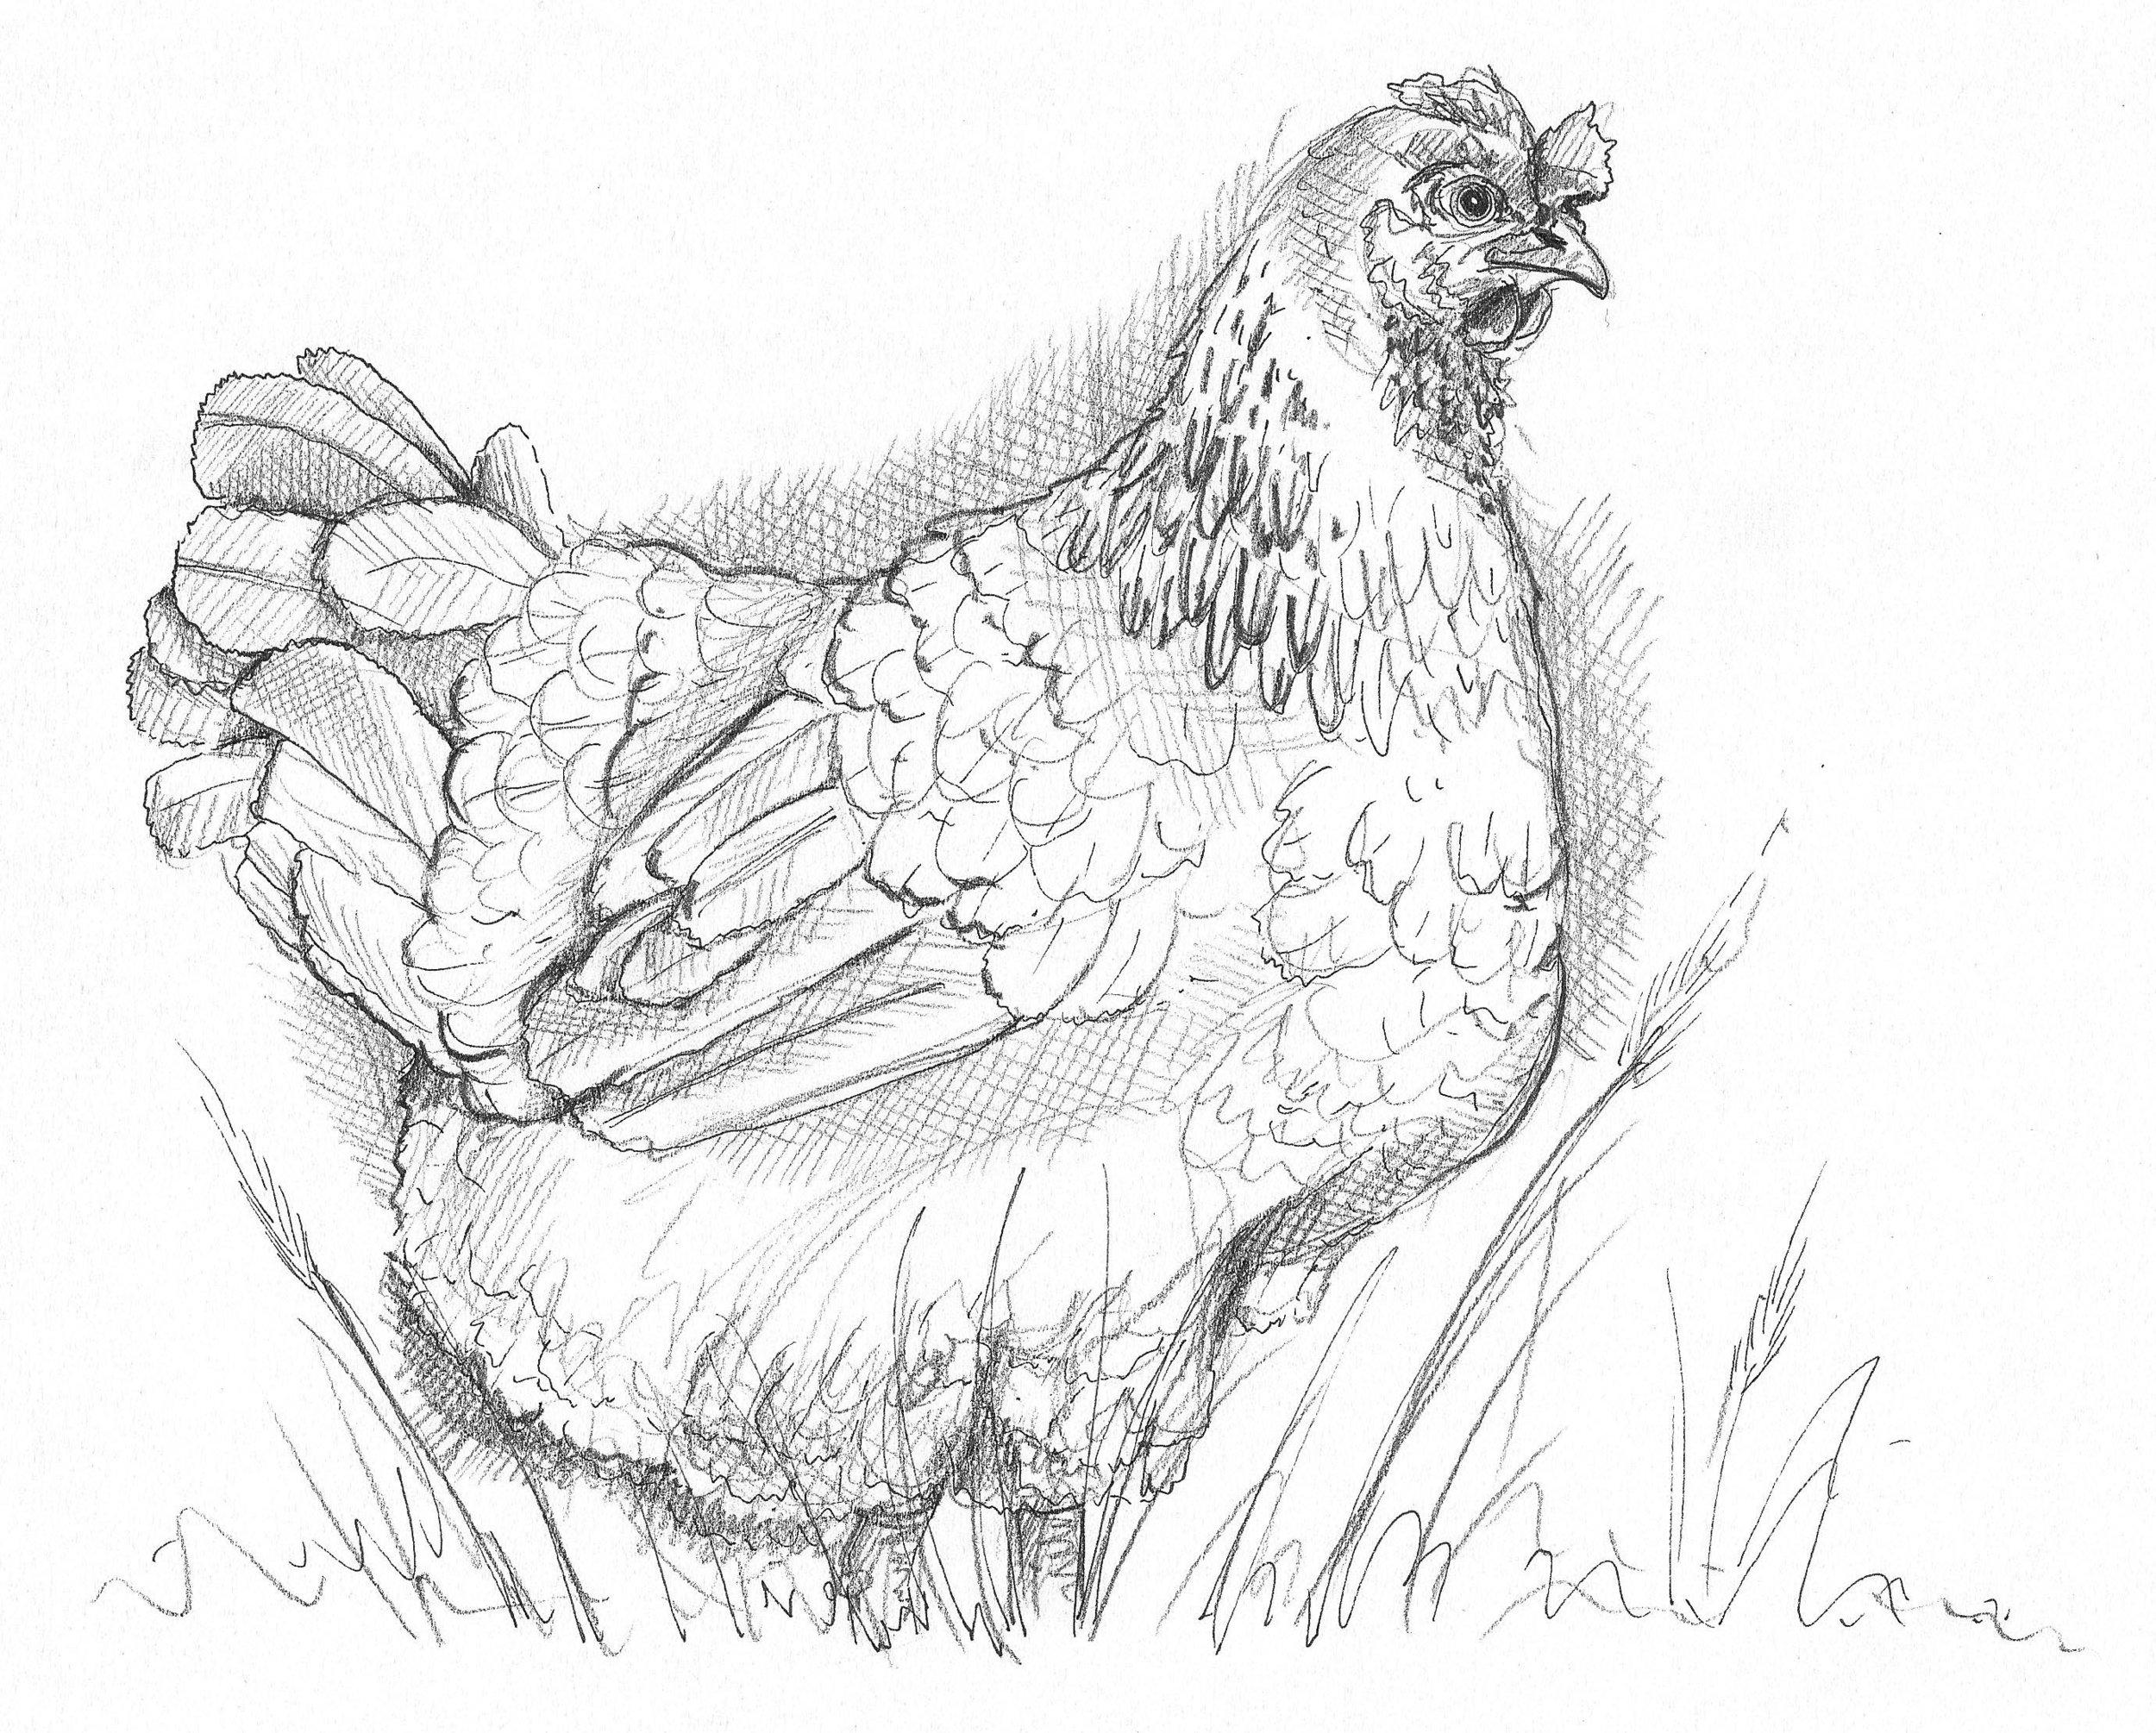 hannah-weeks-pencil-drawing-chicken.jpg